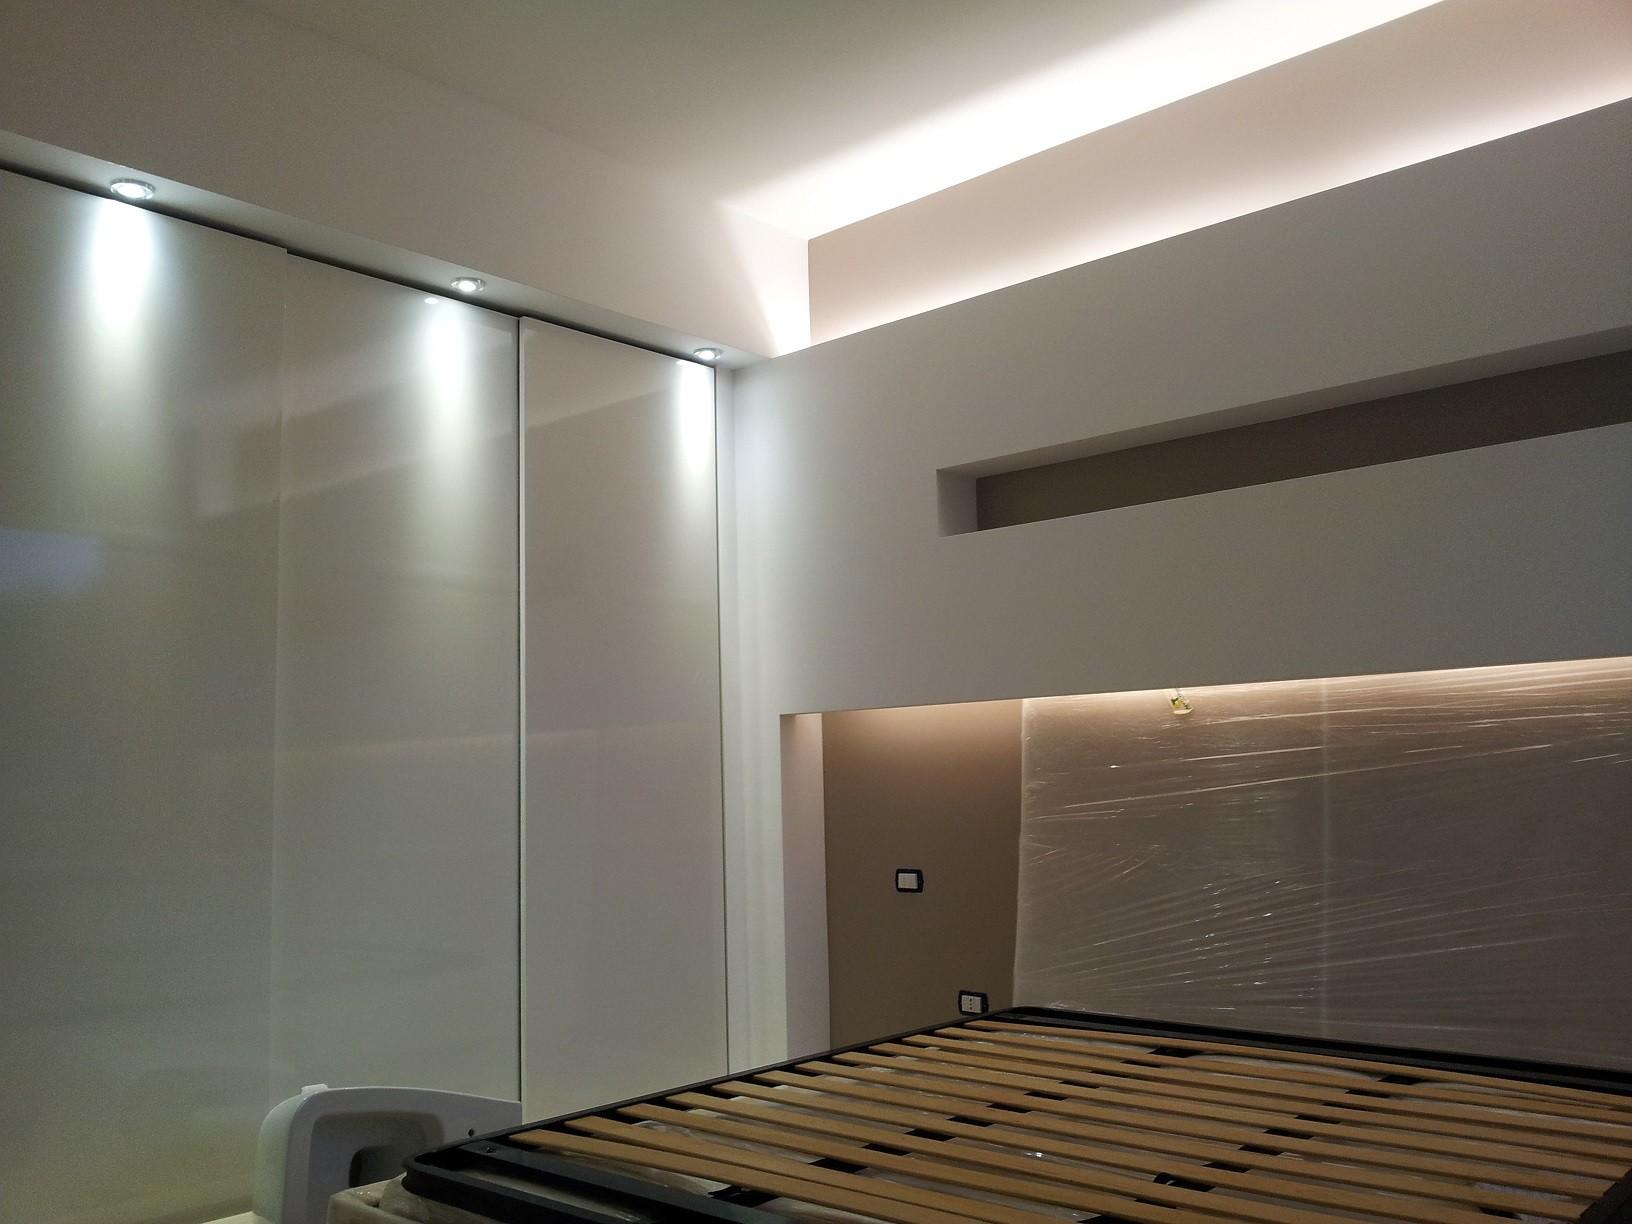 Testata Del Letto In Cartongesso : Nice parete letto in cartongesso zx pineglen